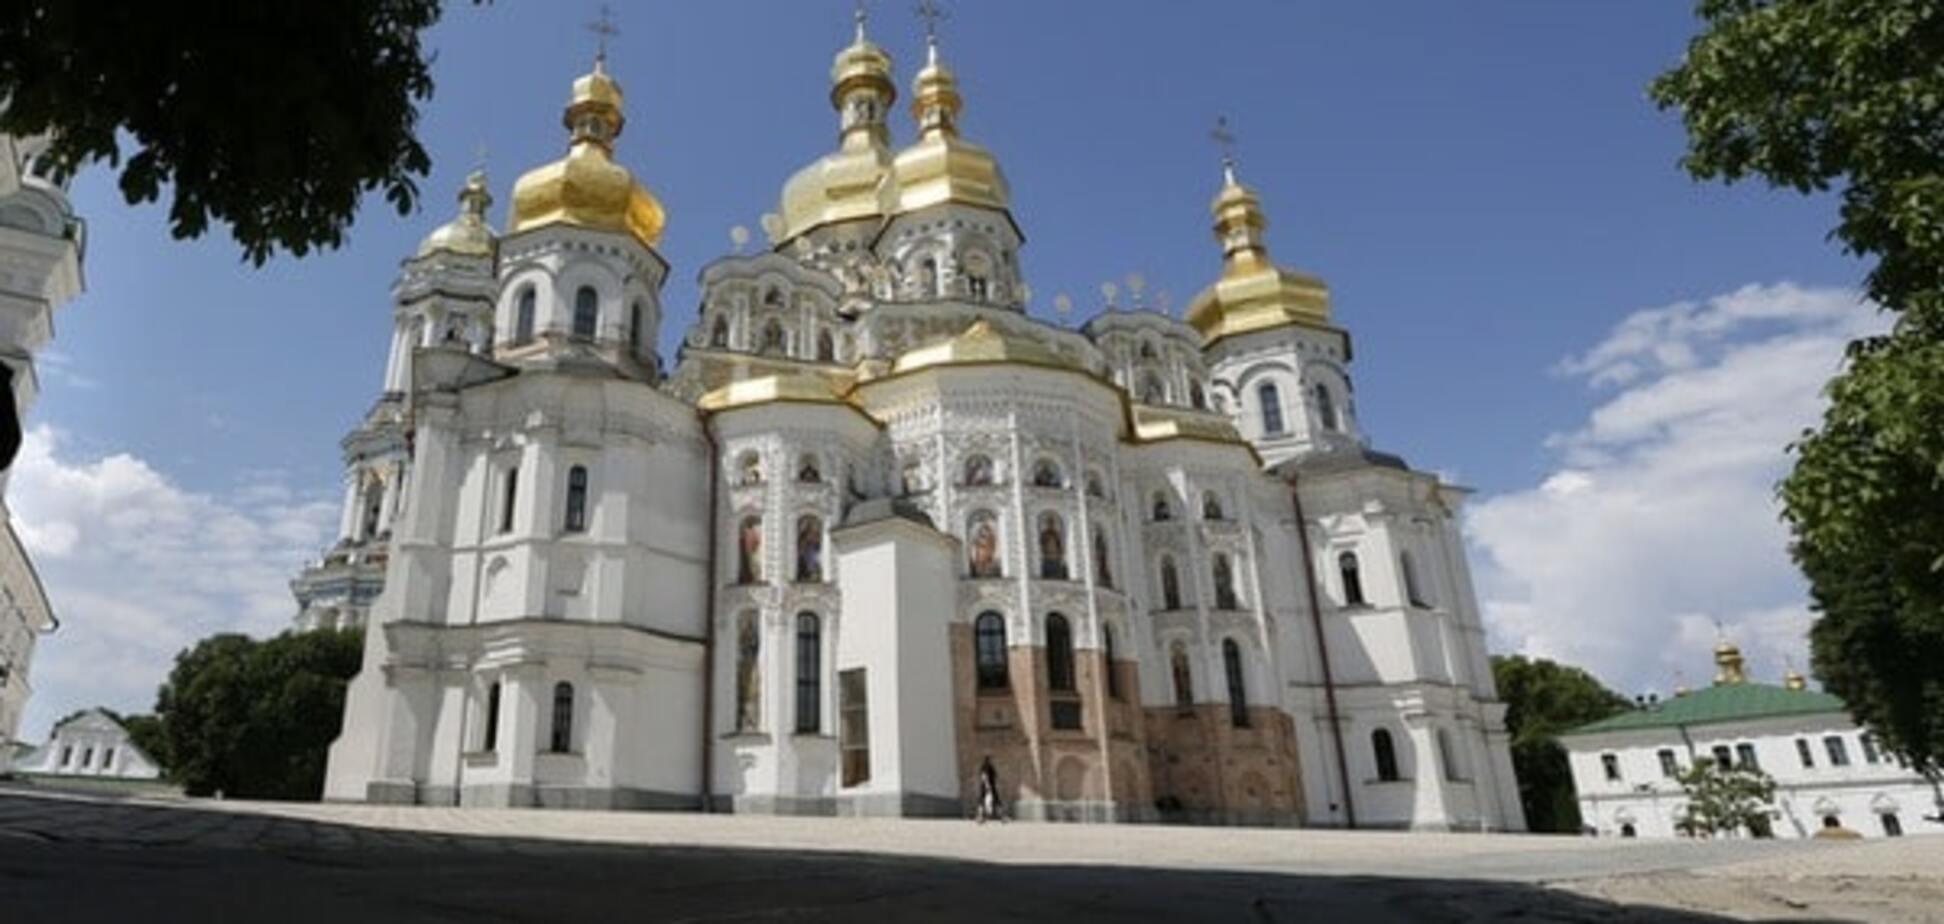 Намісник Києво-Печерської лаври розповів про Хрестопоклонну неділю